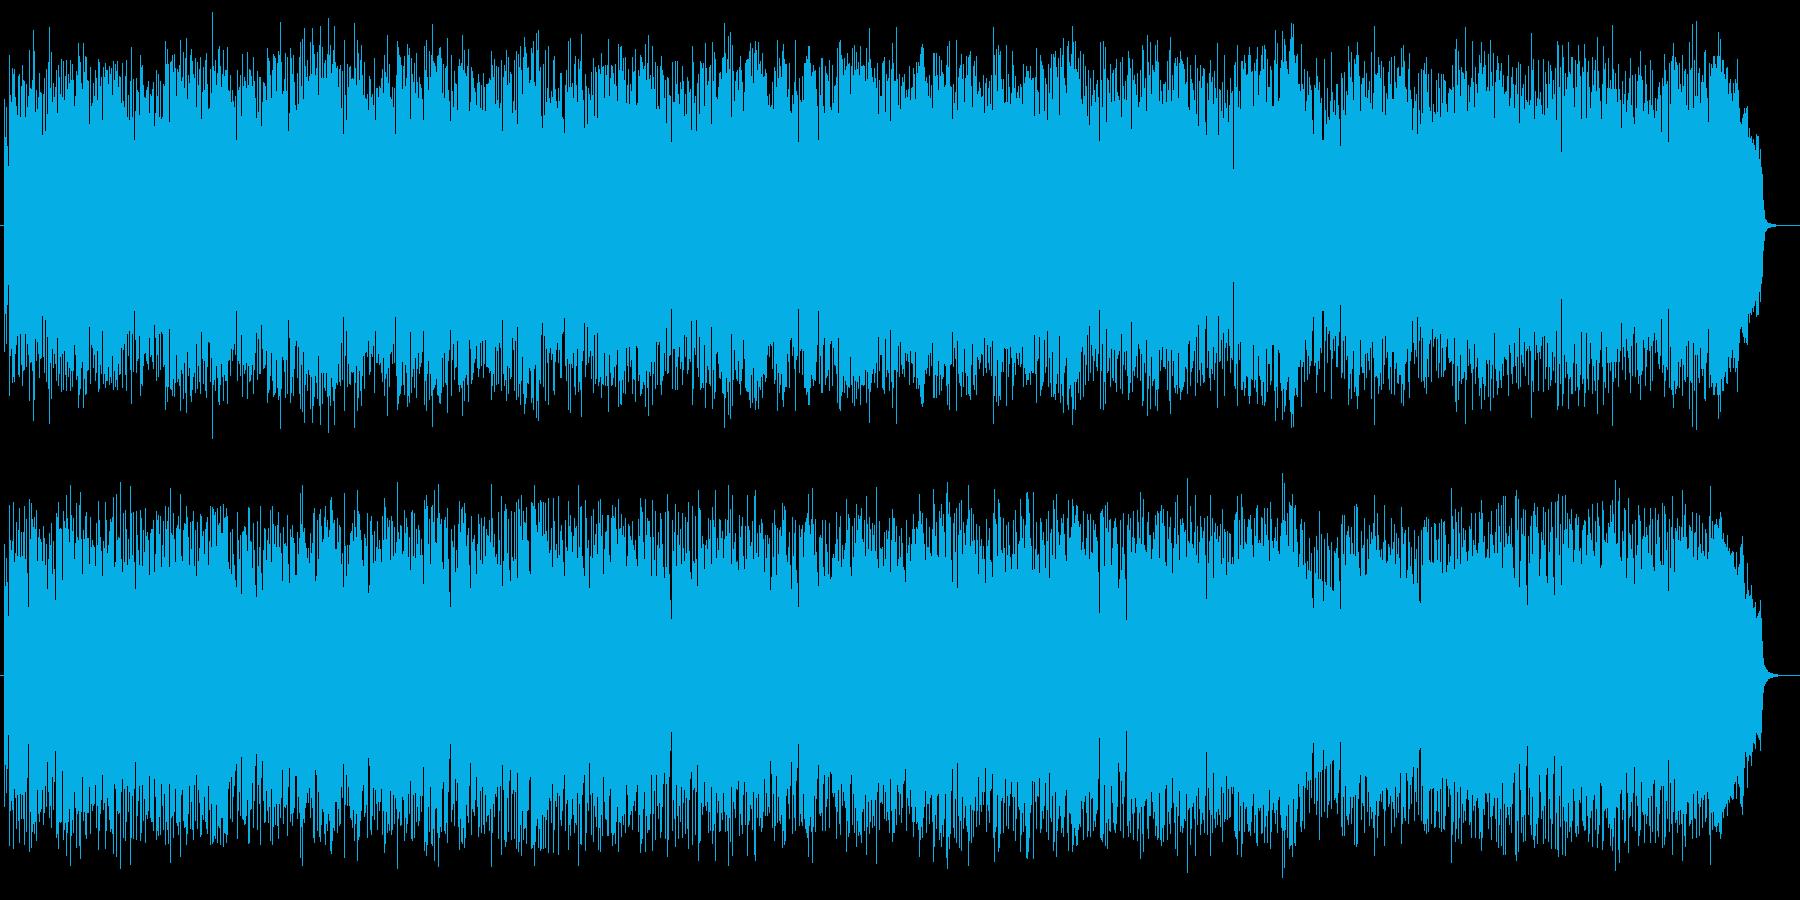 疾走感があるクールなミュージックの再生済みの波形